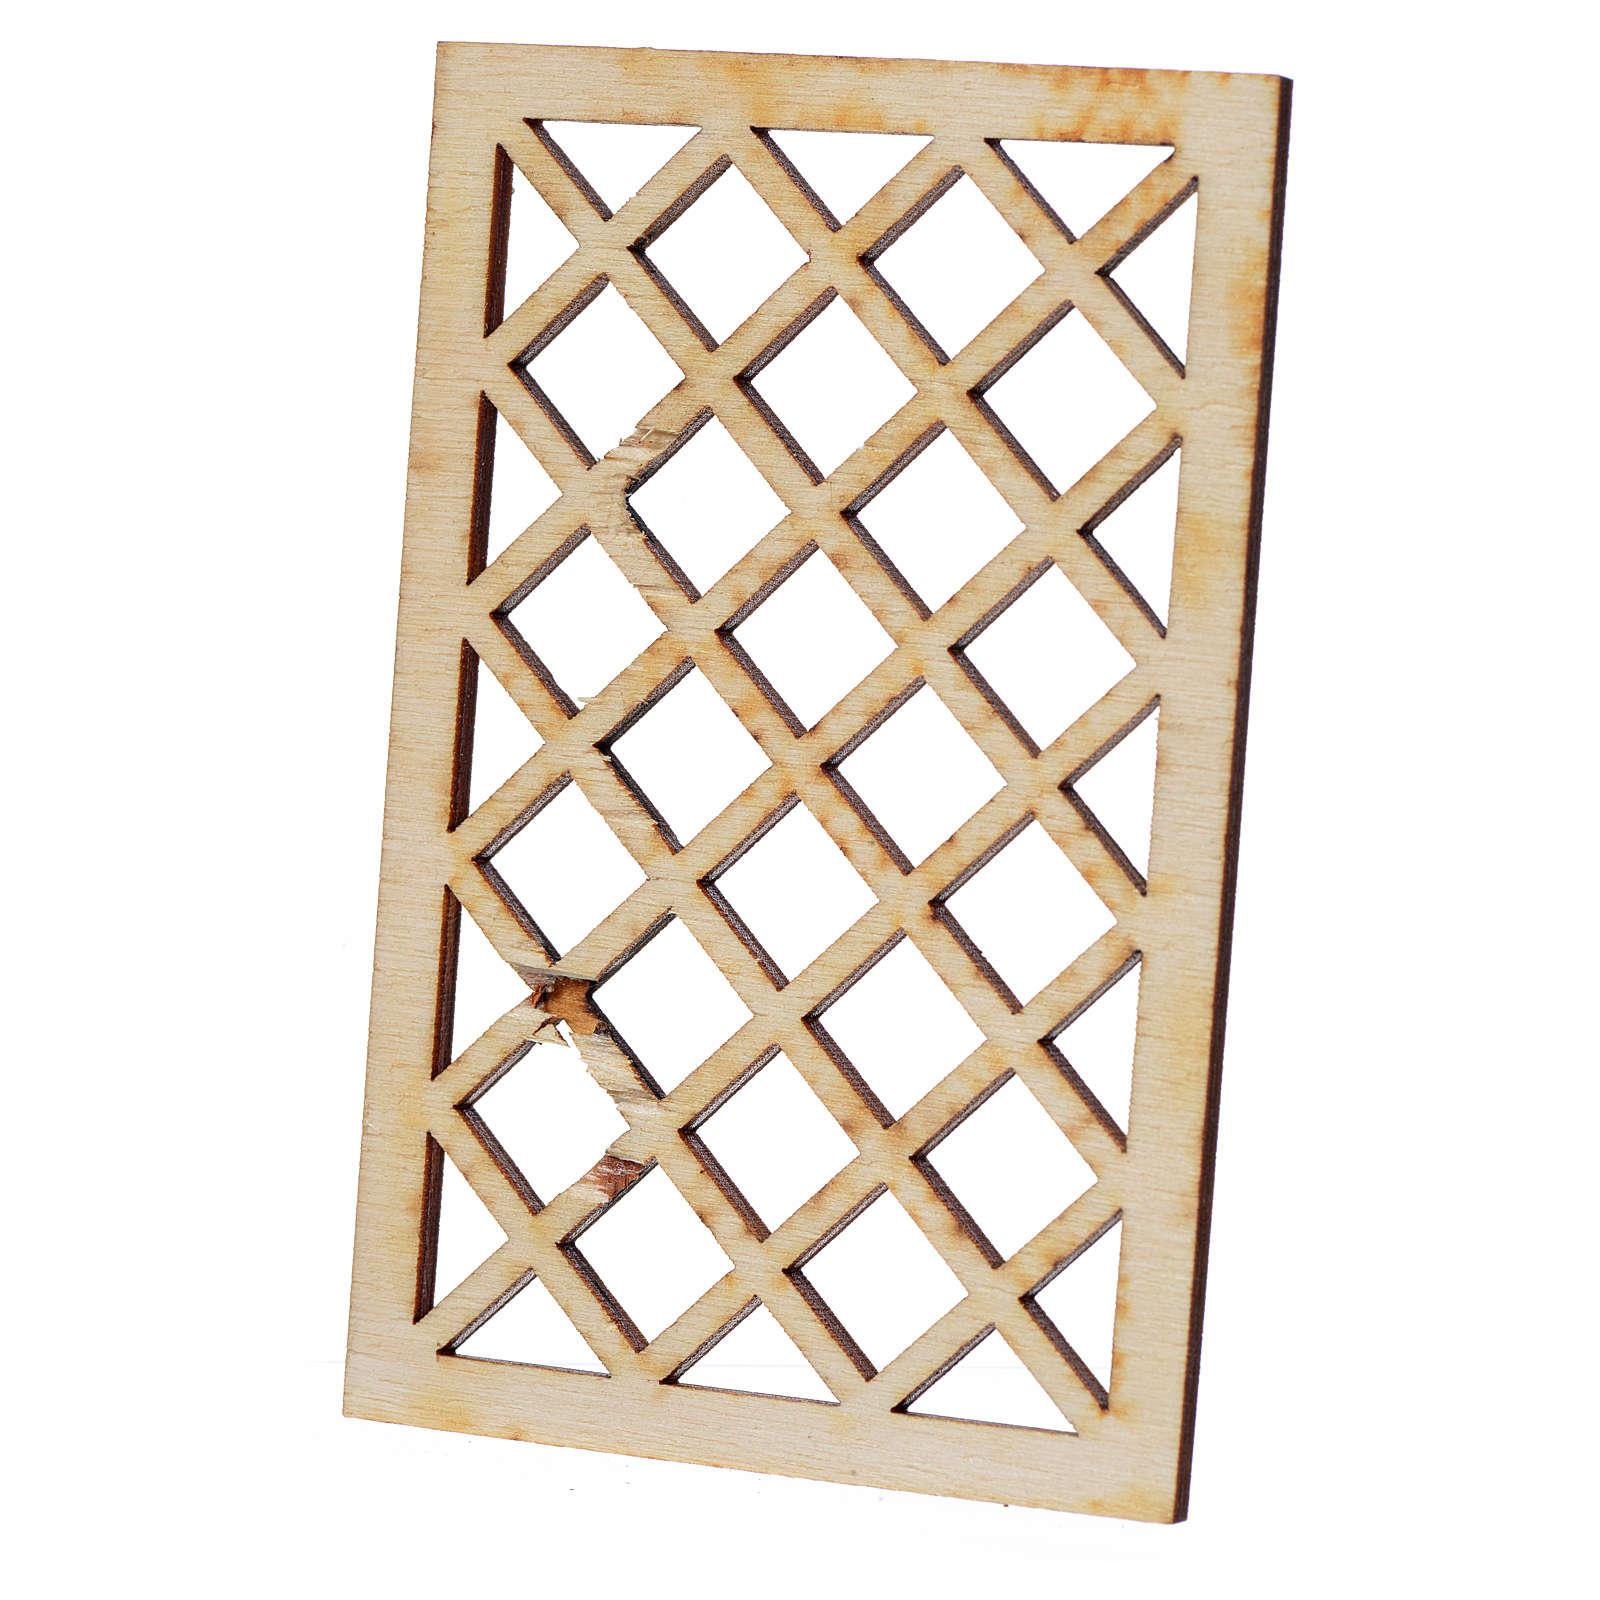 Verja belén de madera 9,5x6 cm 4